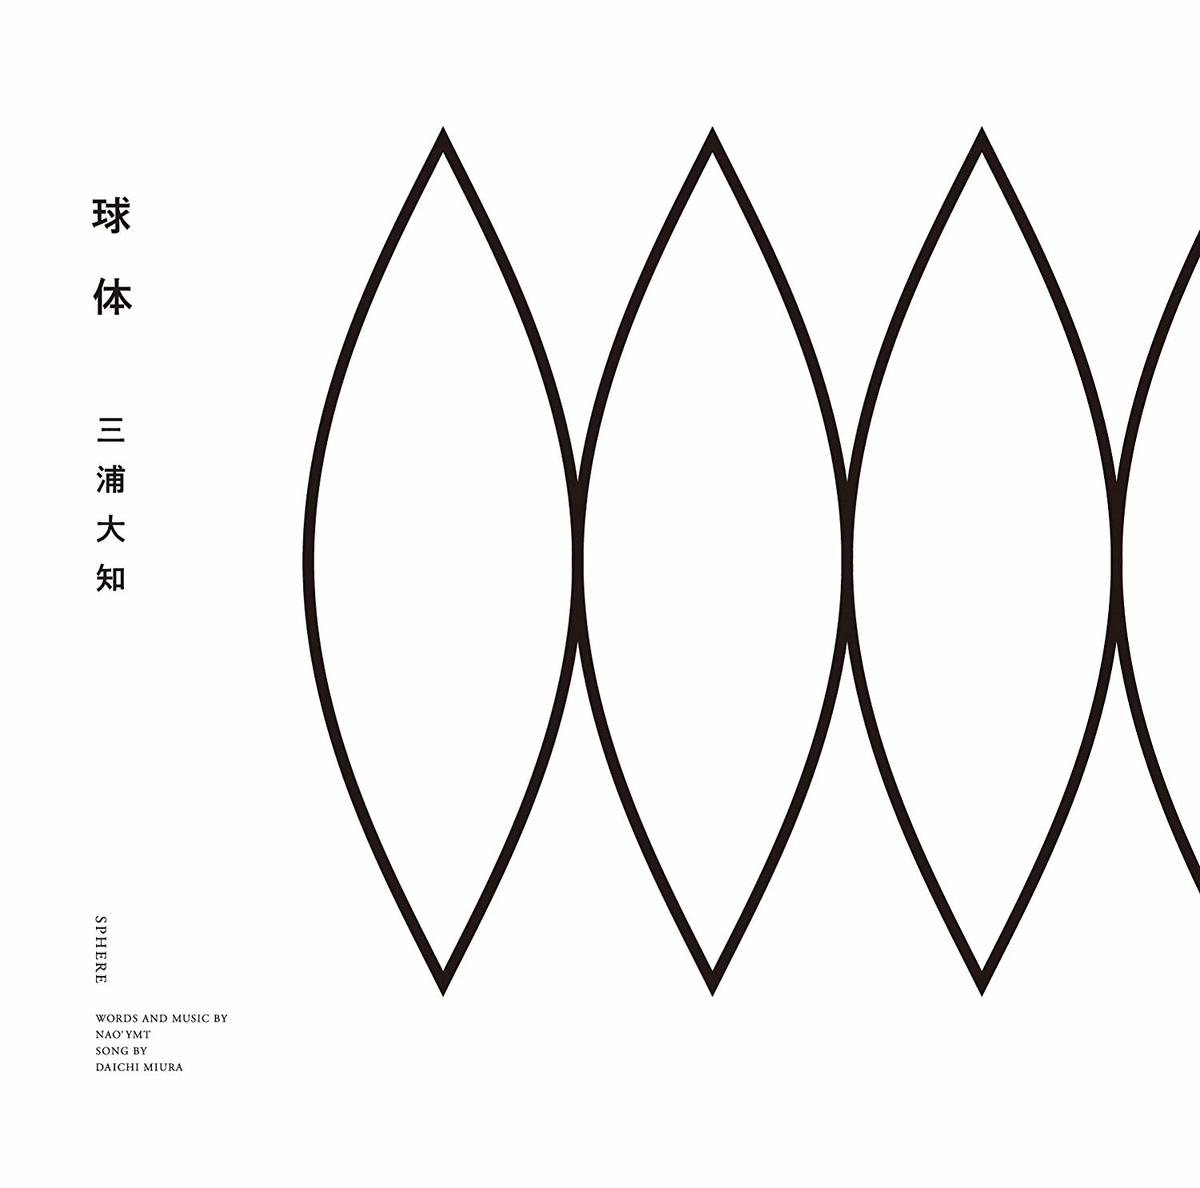 f:id:OOyamamura:20190528205736j:plain